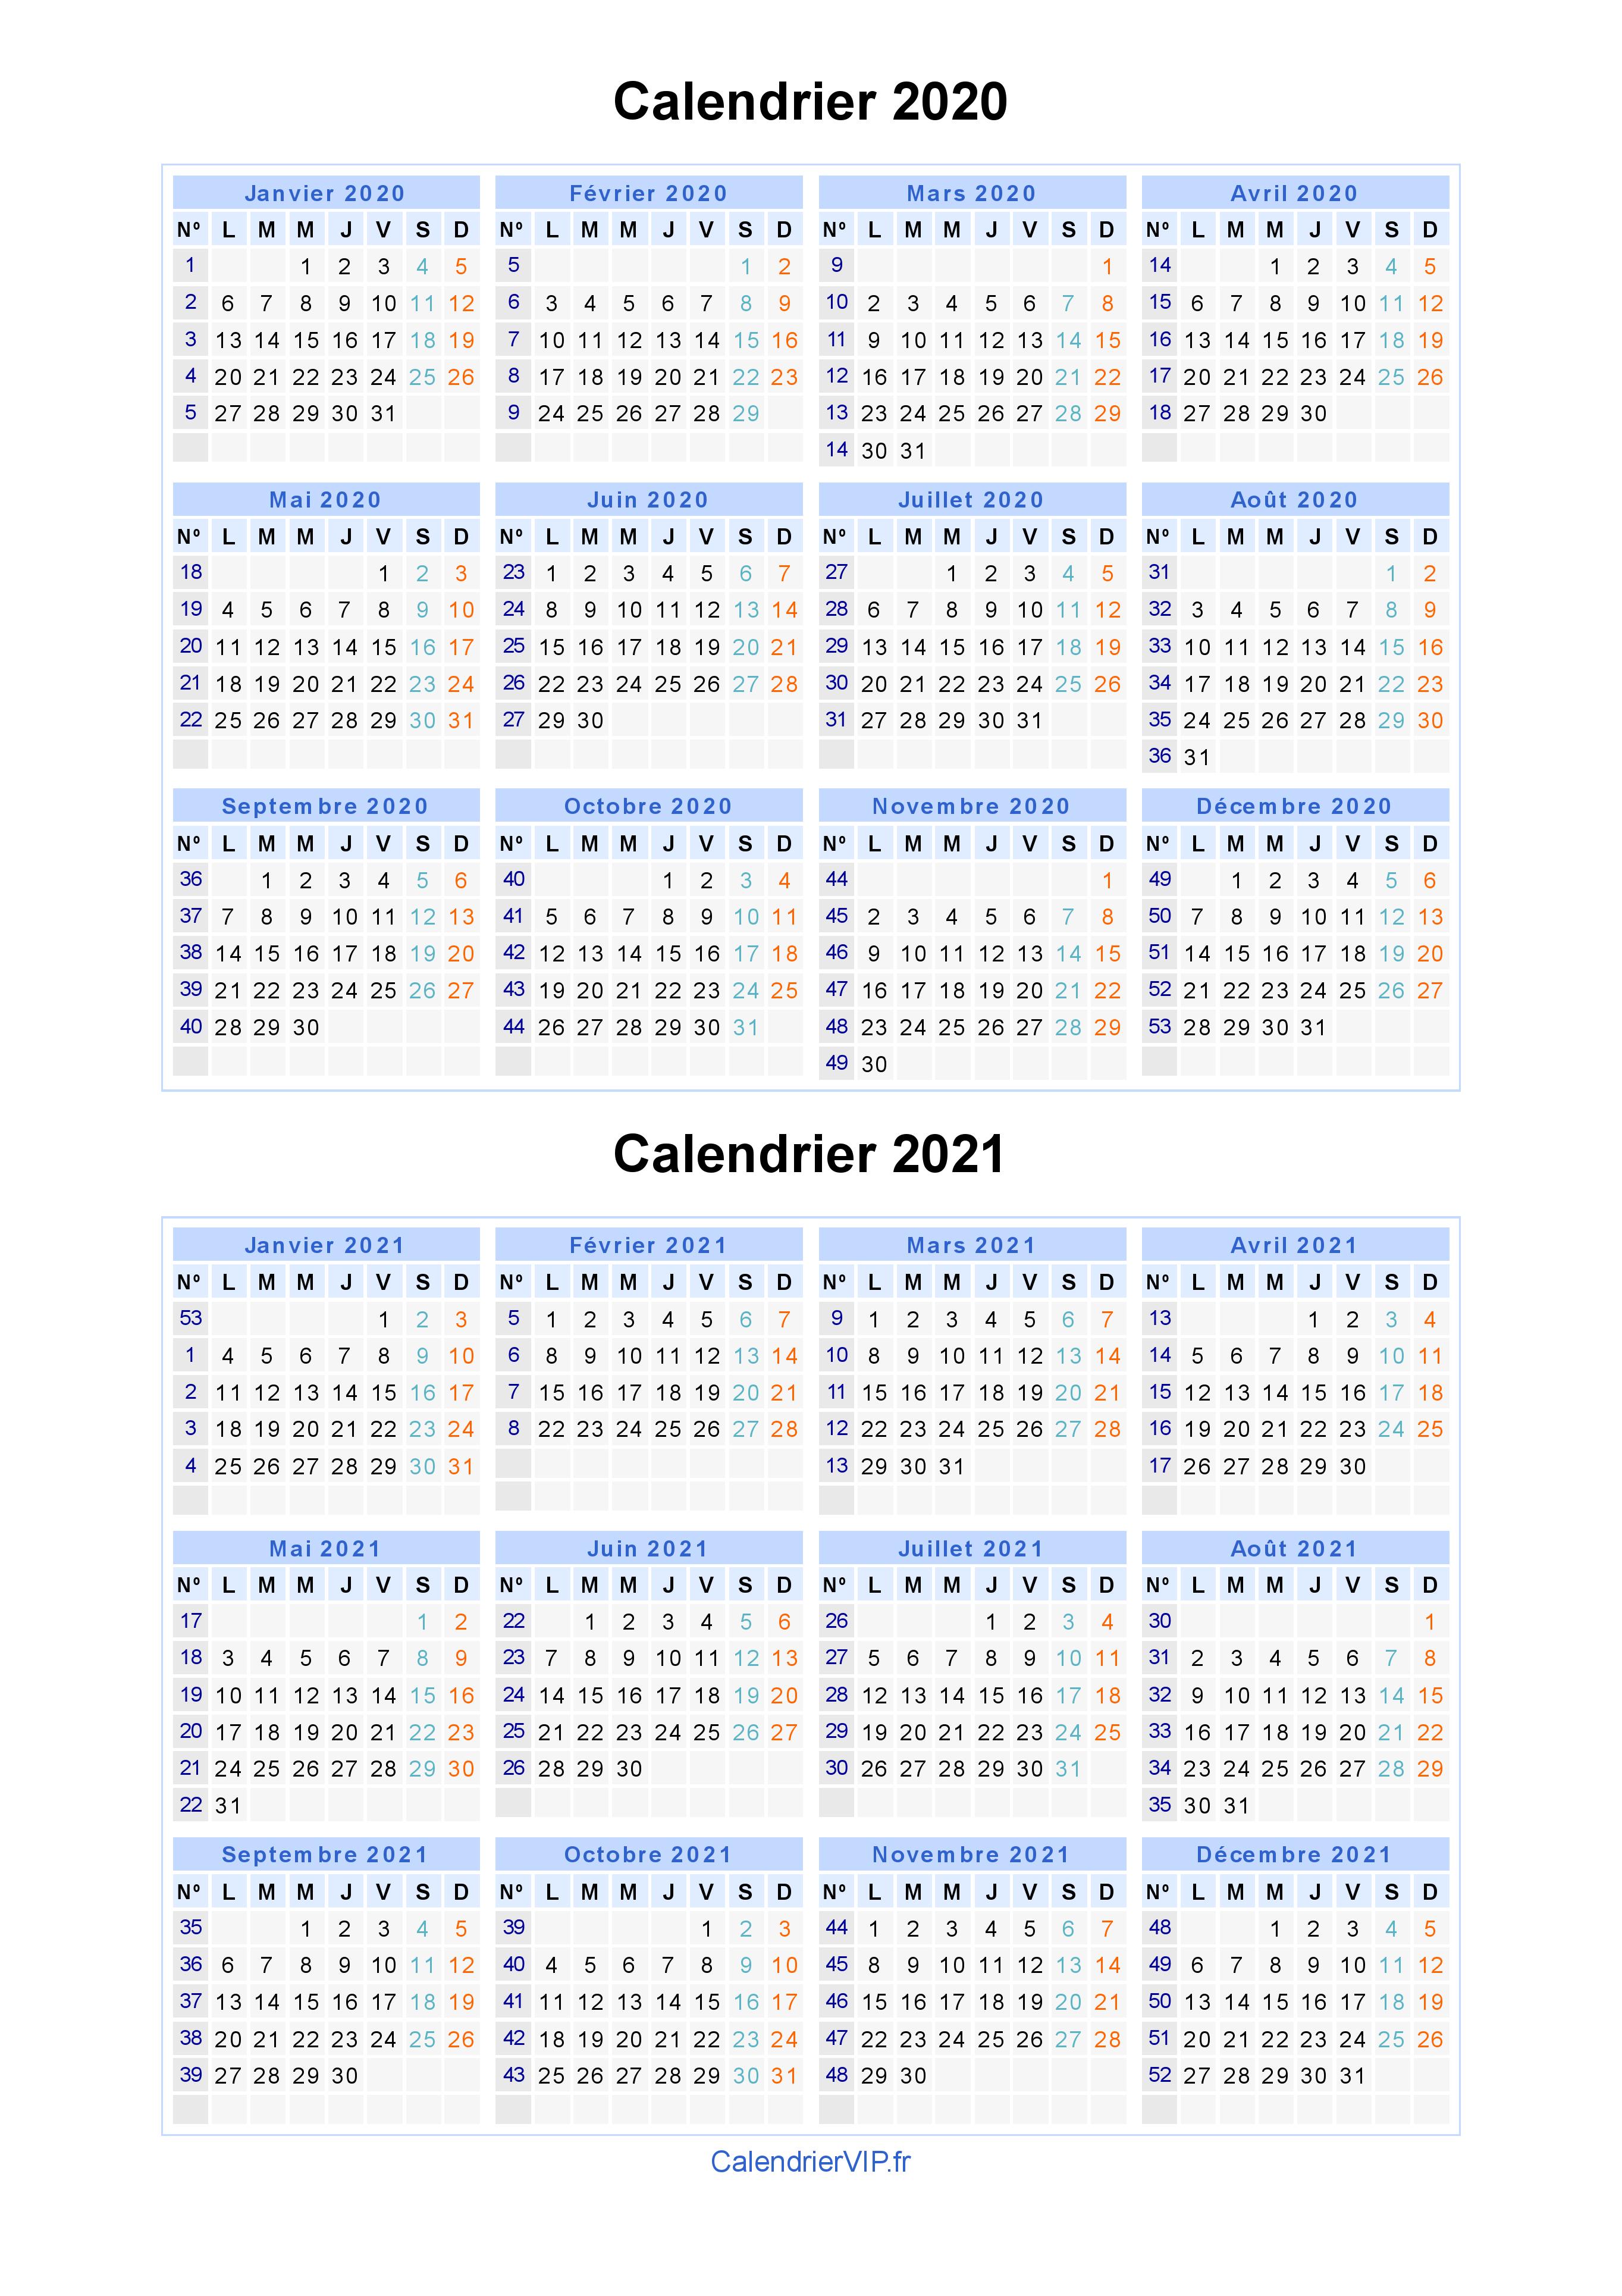 Calendrier 1er Trimestre 2020.Calendrier 2020 2021 A Imprimer Gratuit En Pdf Et Excel